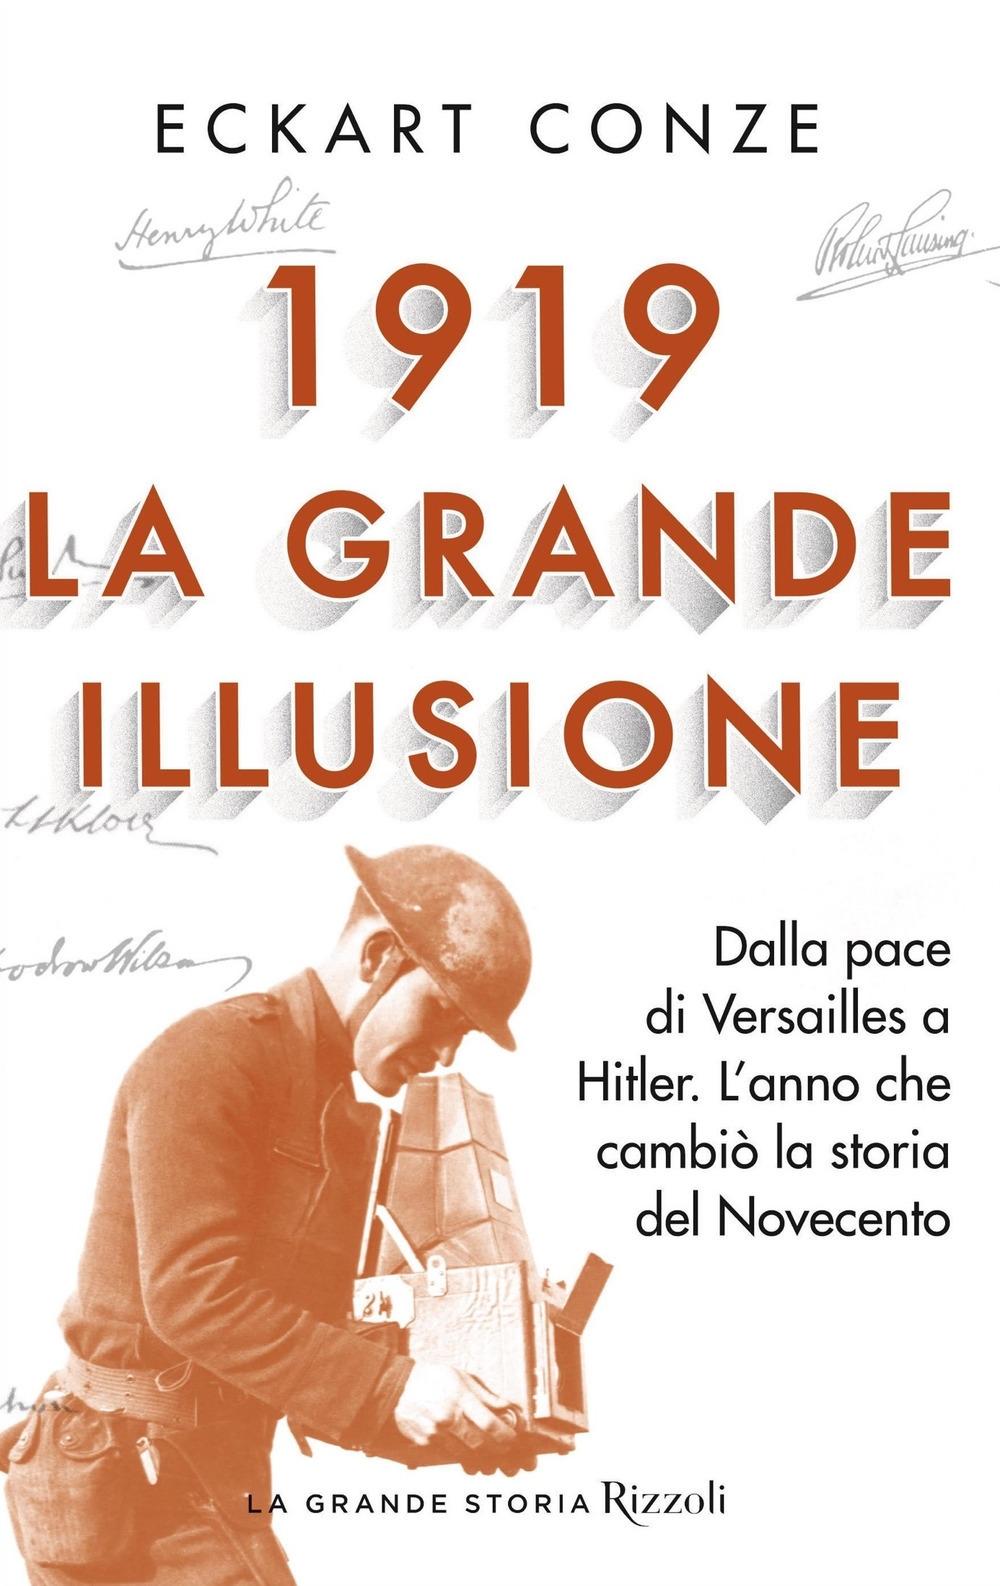 1919. La grande illusione. Dalla pace di Versailles a Hitler. L'anno che cambiò la storia del Novecento